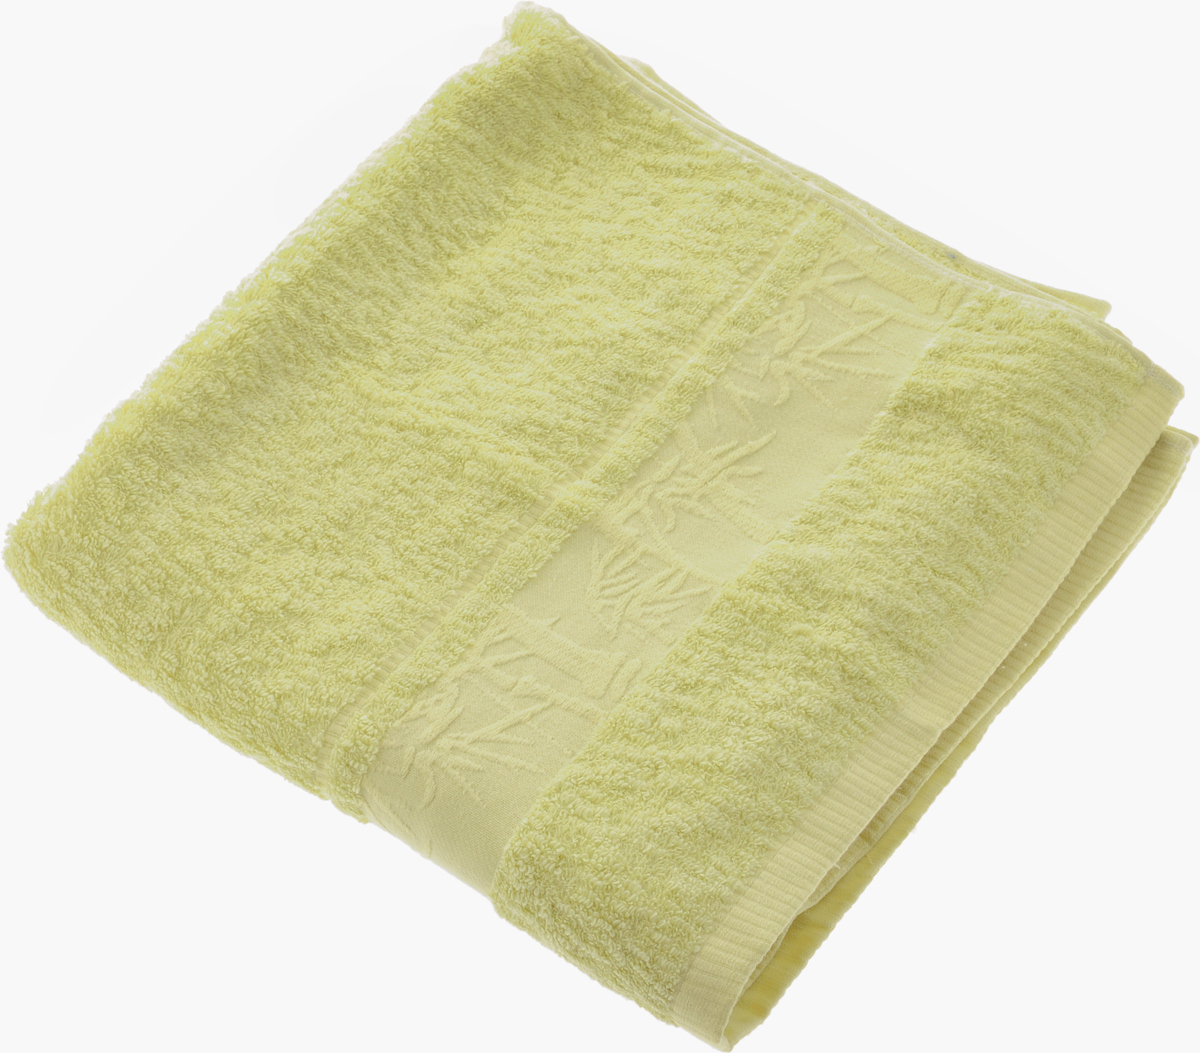 Полотенце Soavita Chloe, цвет: светло-зеленый, 30 х 70 смУП-008-02кПолотенце Soavita Chloe выполнено из 100% бамбукового волокна. Изделие отлично впитывает влагу, быстро сохнет, сохраняет яркость цвета и не теряет форму даже после многократных стирок. Полотенце очень практично и неприхотливо в уходе. Оно создаст прекрасное настроение и украсит интерьер в ванной комнате.